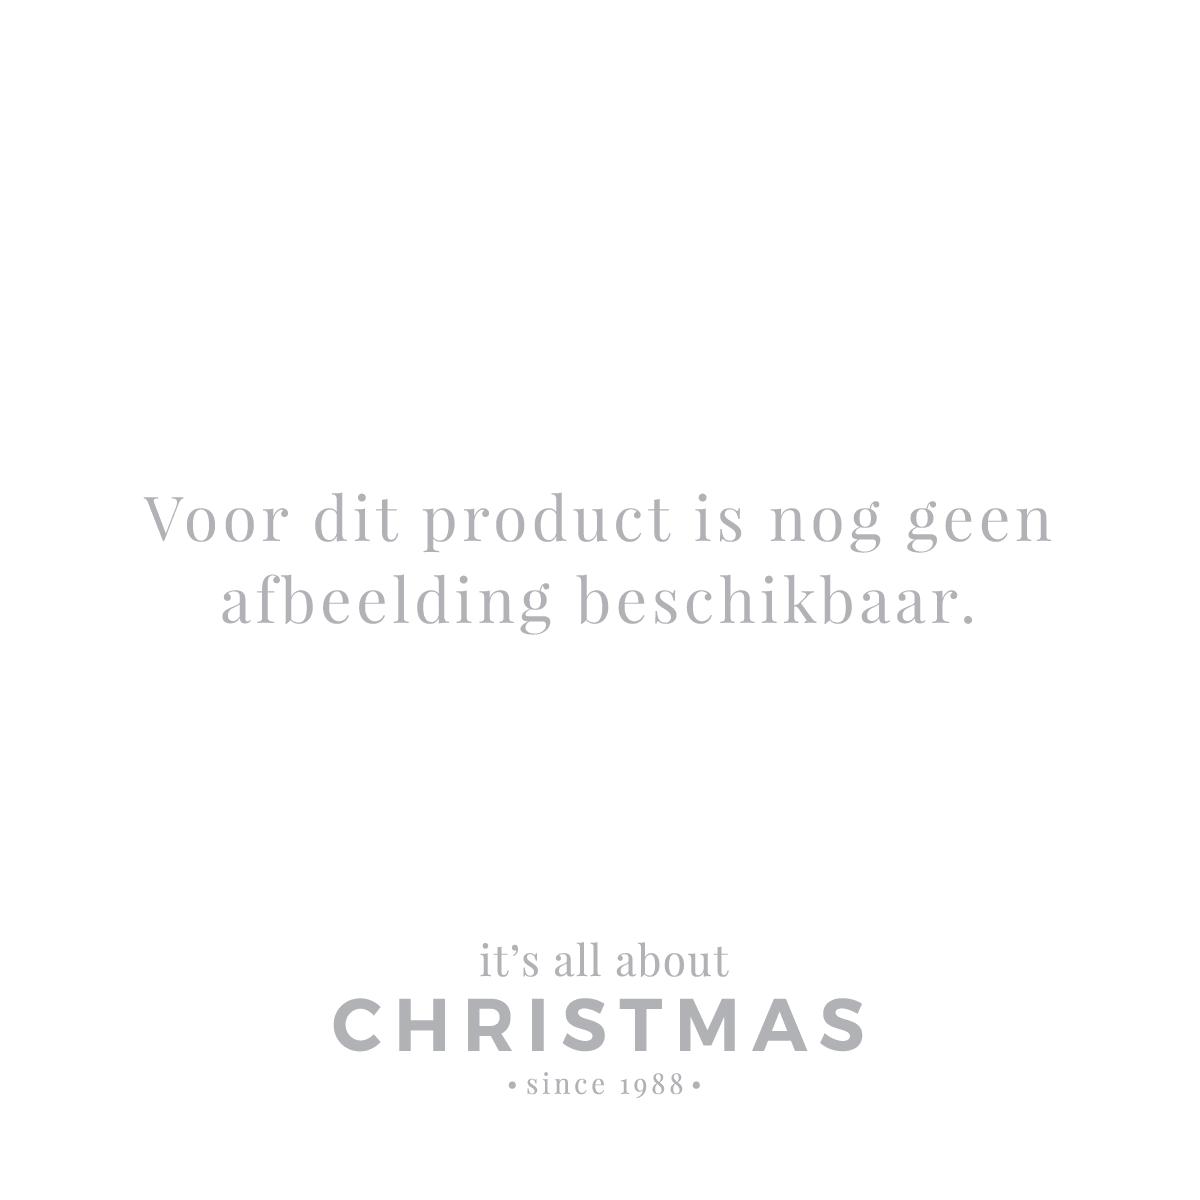 Weiß Christbaumkugeln Kunststoff.Christbaumkugeln Xl 15cm Schwarz Weiß Weihnachtsdekoration De